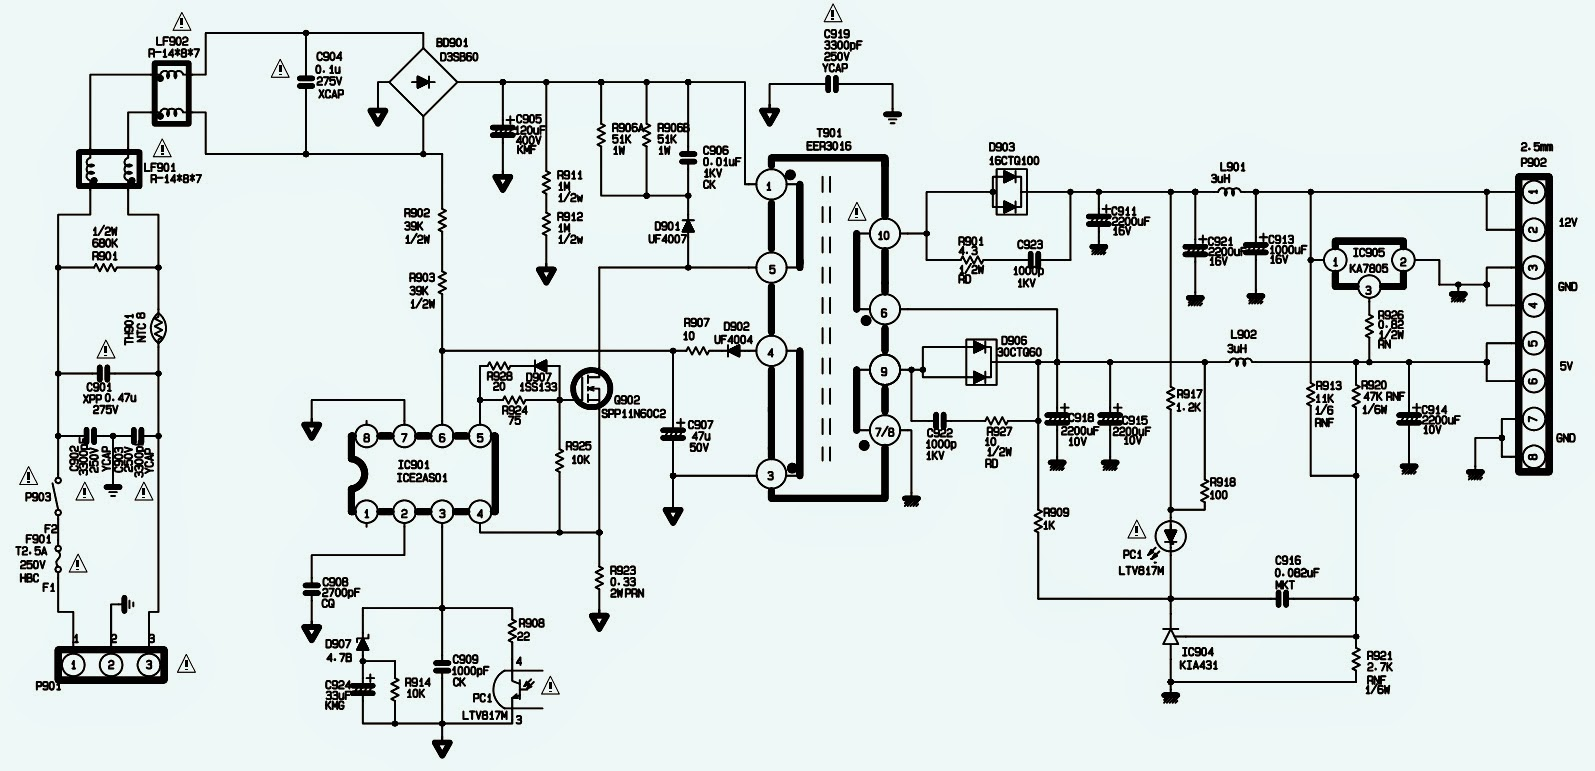 medium resolution of wiring schematic diagram lg flatron l1810b monitor smps schematic power supply wiring diagram schematic